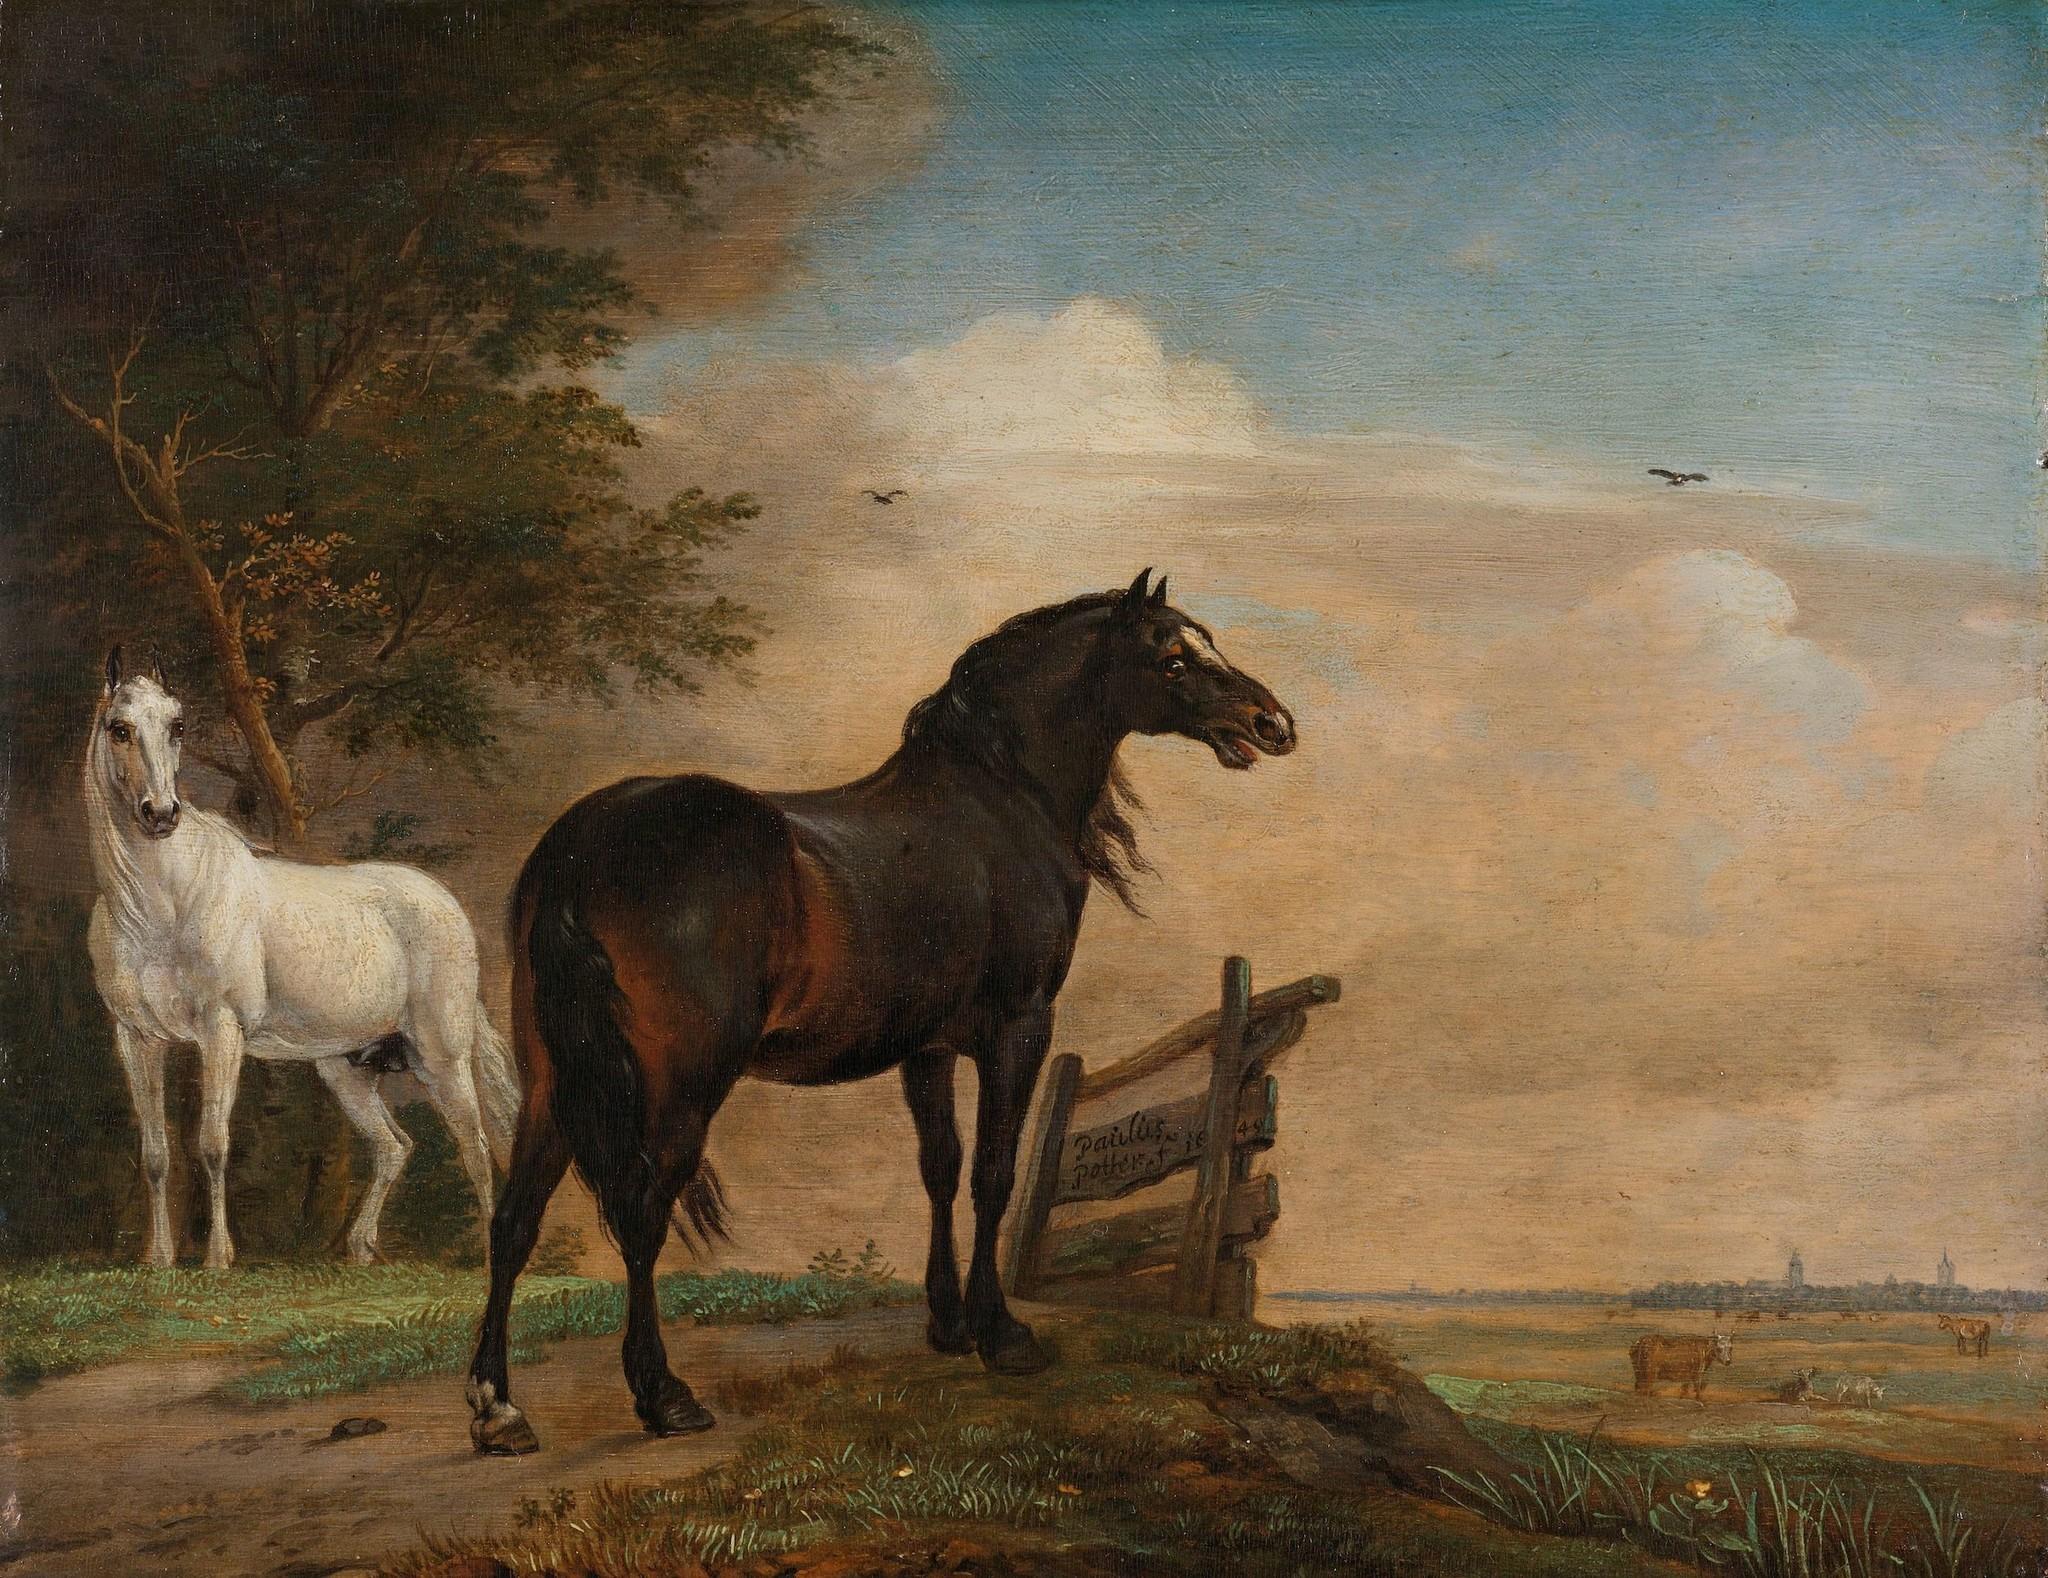 Schilderij - Paulus Potter, Twee paarden in de wei bij een hek, 1649, reproductie, 60x80cm